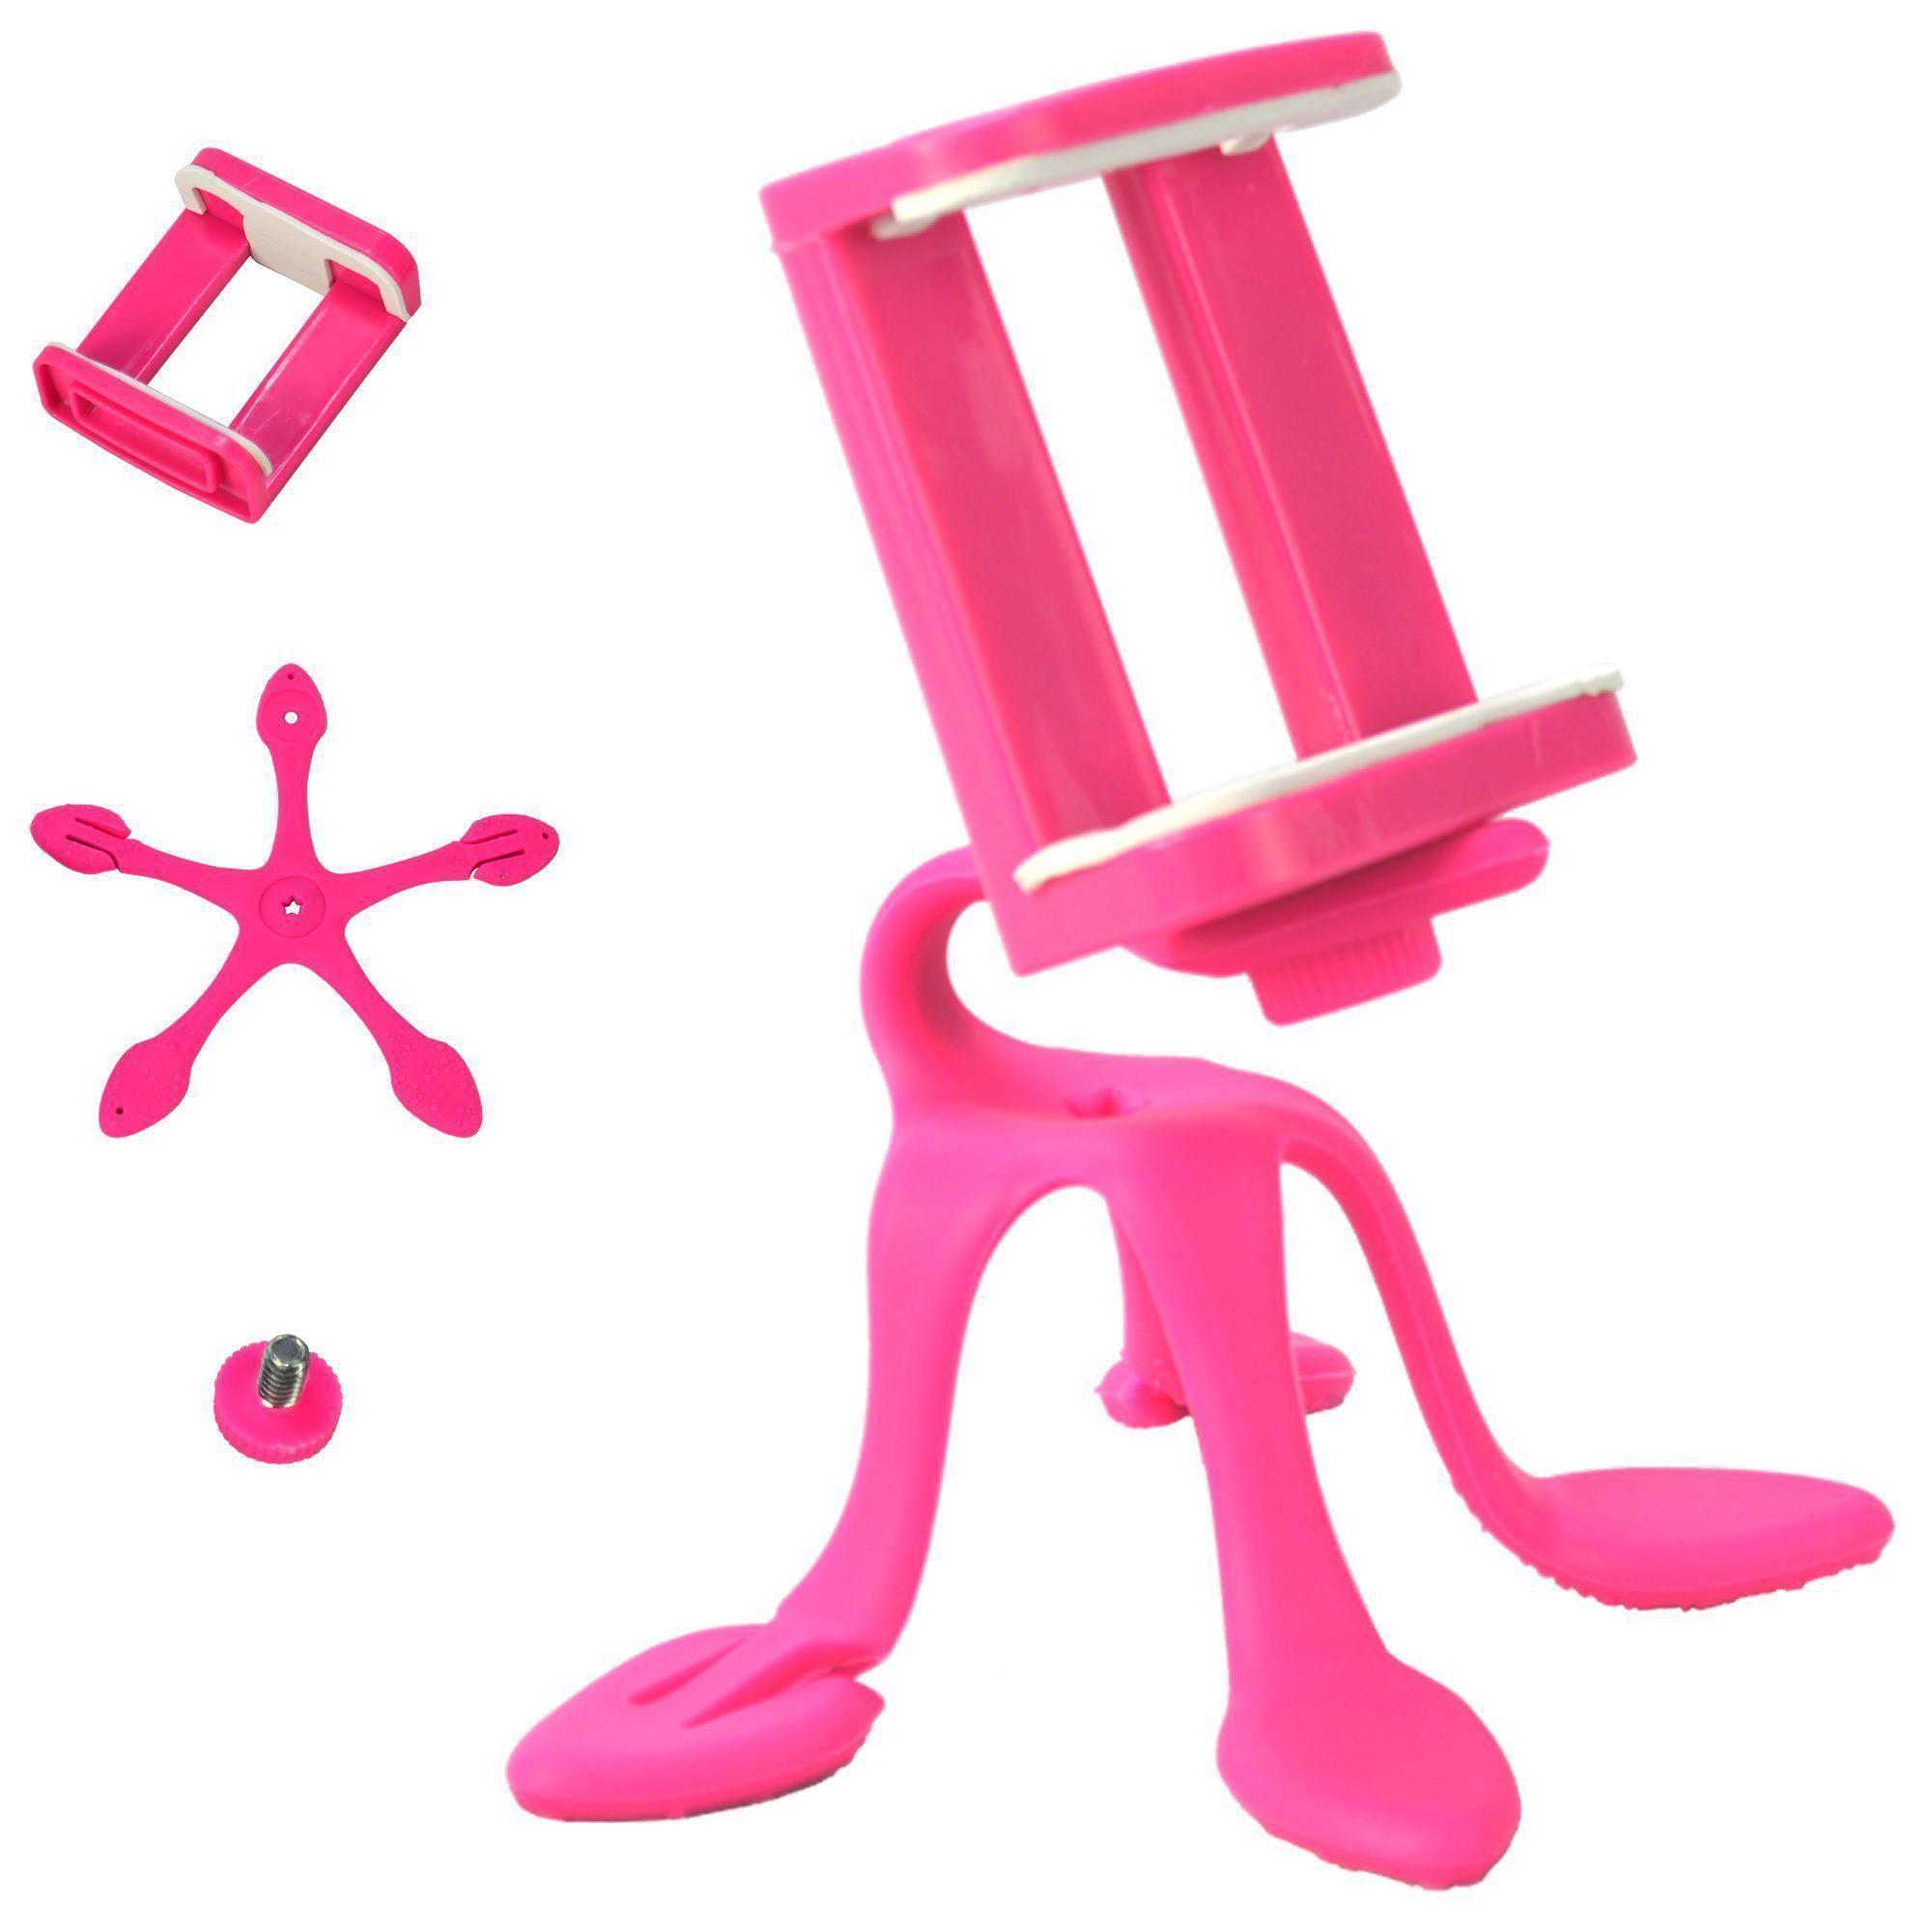 Suporte Para Celular Flexível Tripod Pink CBRN06380